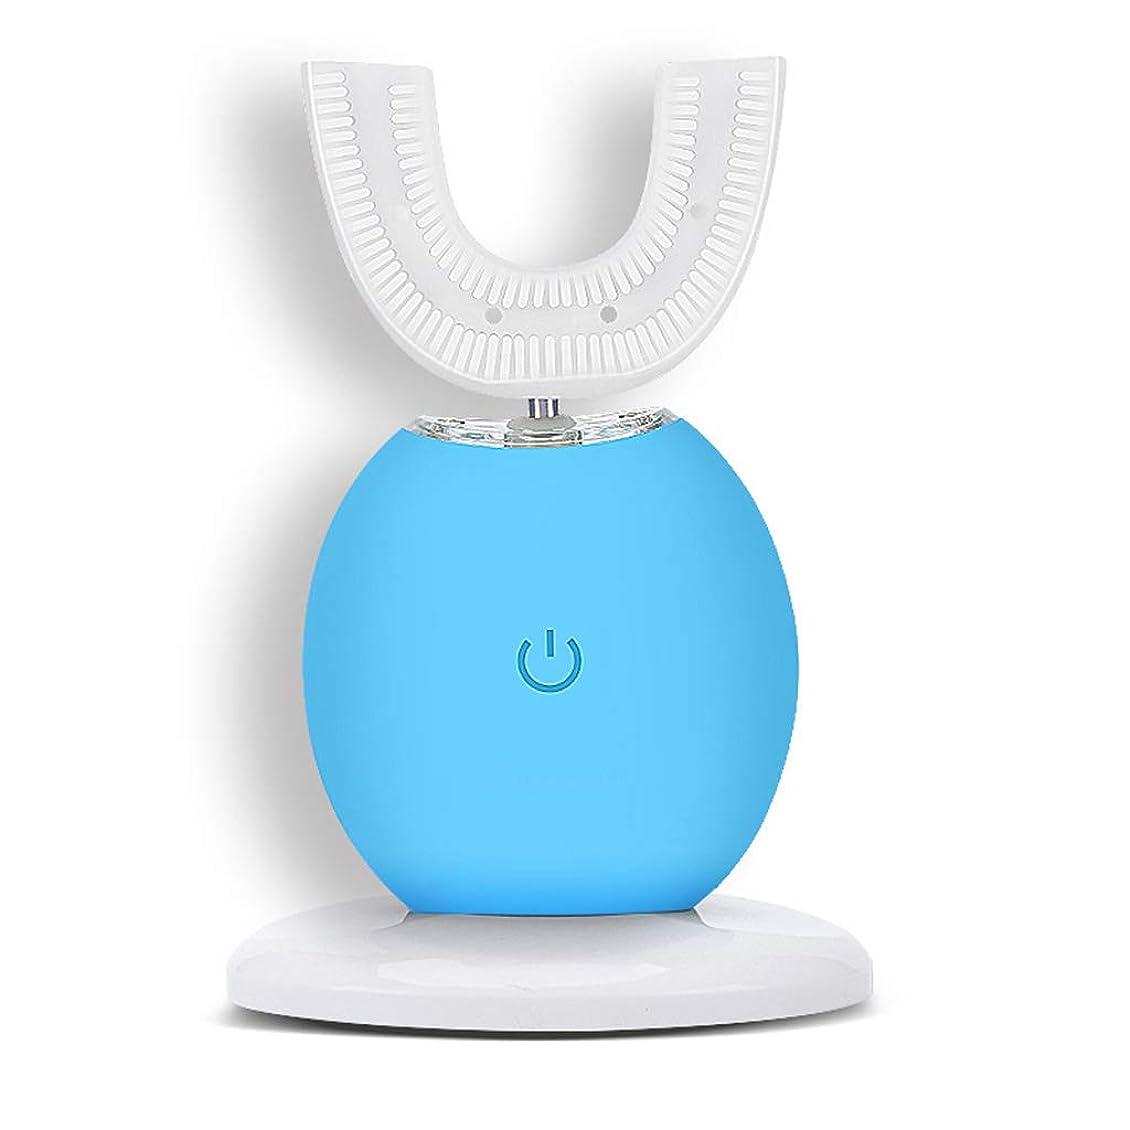 ちょっと待ってブレースピカソ自動電動歯ブラシインテリジェント超音波ホワイトニング防水カップルブレース怠惰なブラッシングアーティファクト (色 : 青)